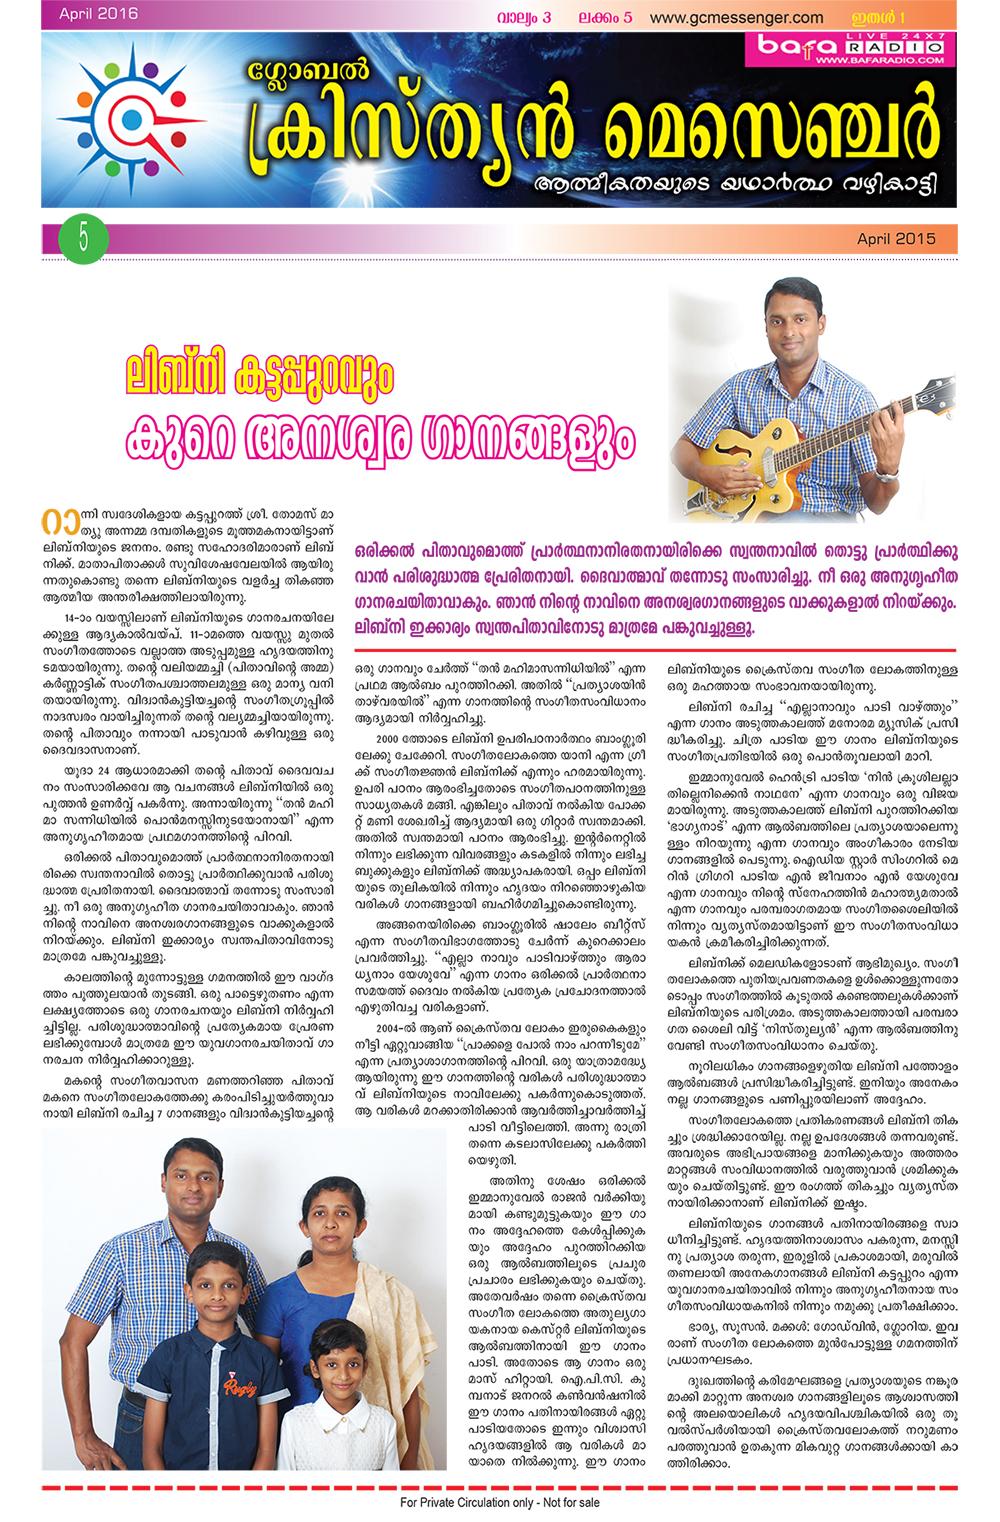 GCM - Libny Kattapuram